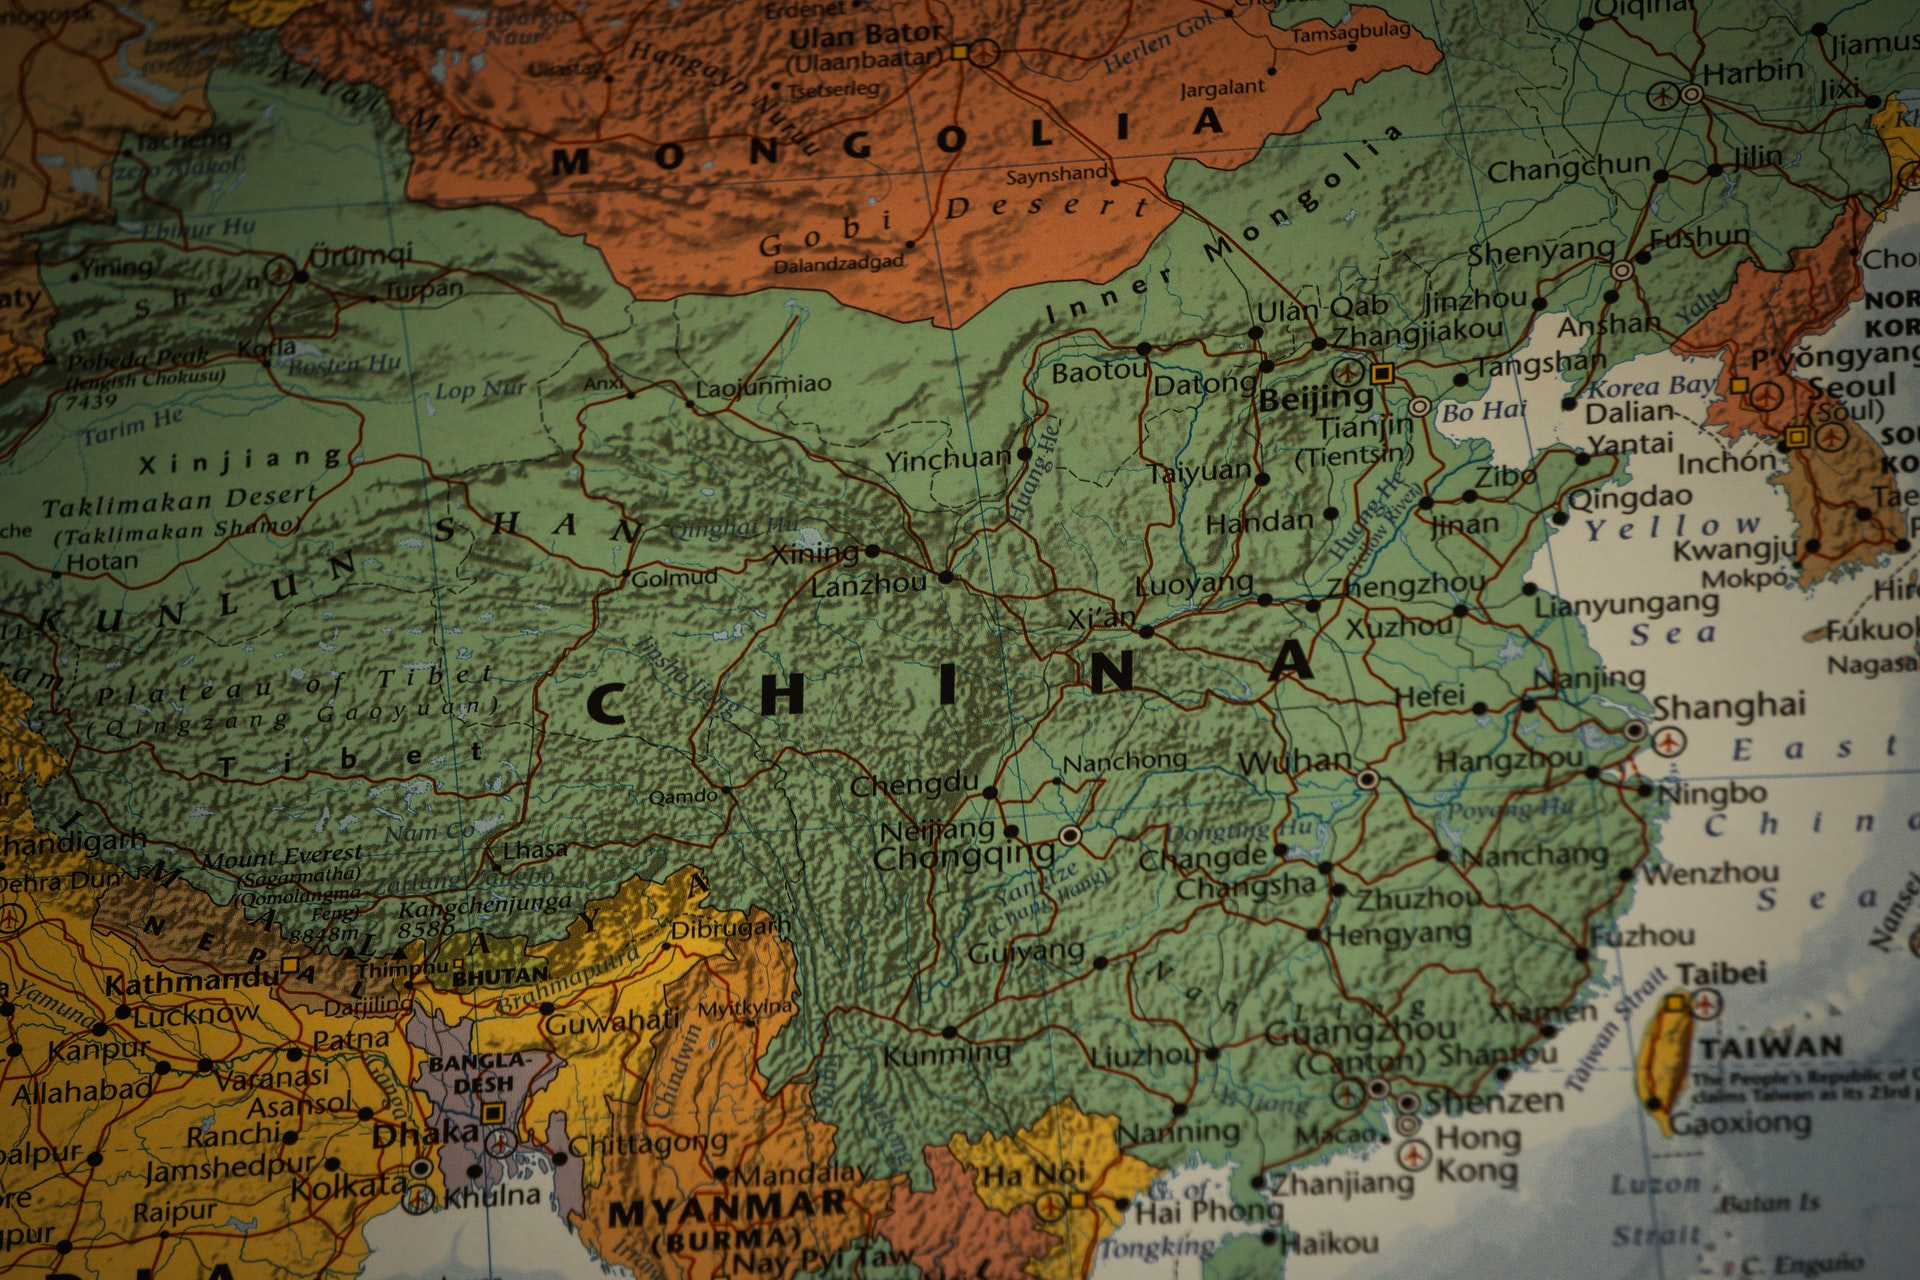 Banco Central de China sumará a bancos privados a las pruebas del yuan digital